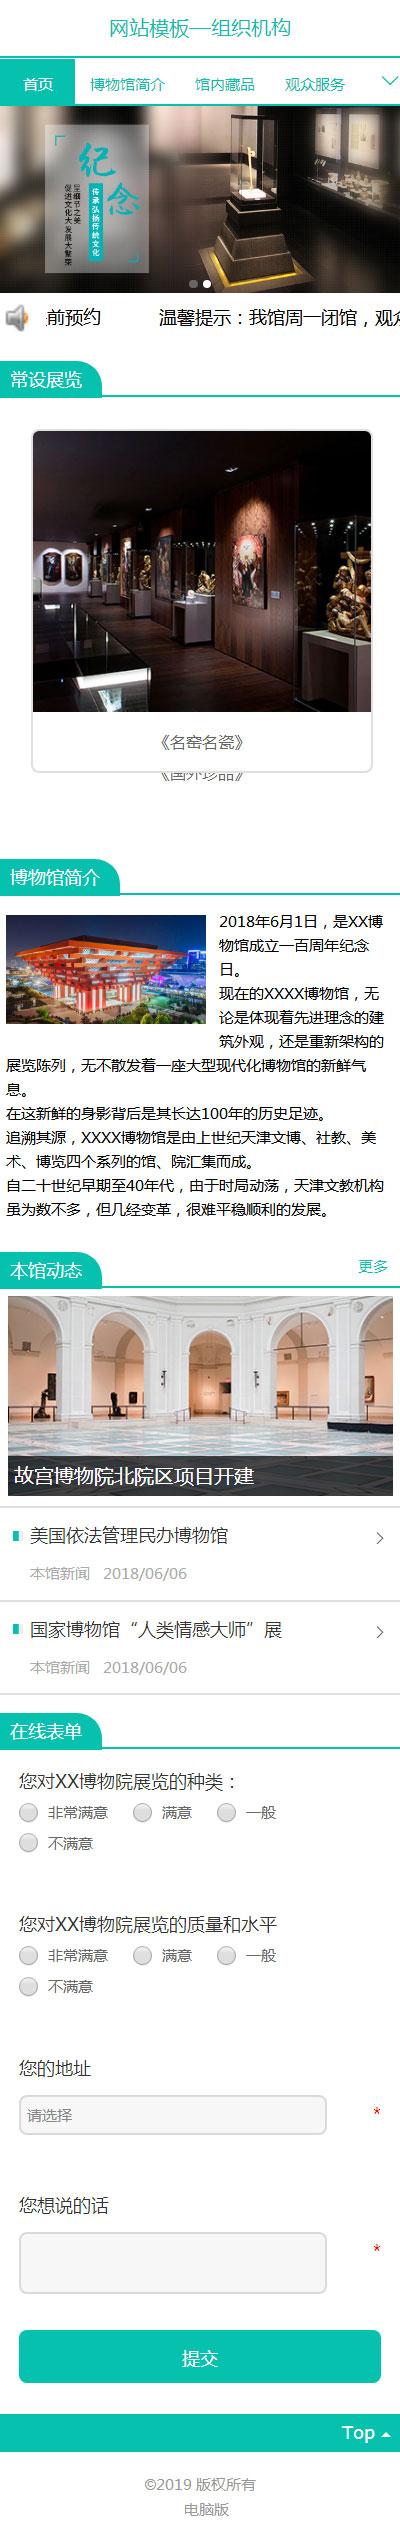 机构组织产品展示、新闻发布精美网页模板